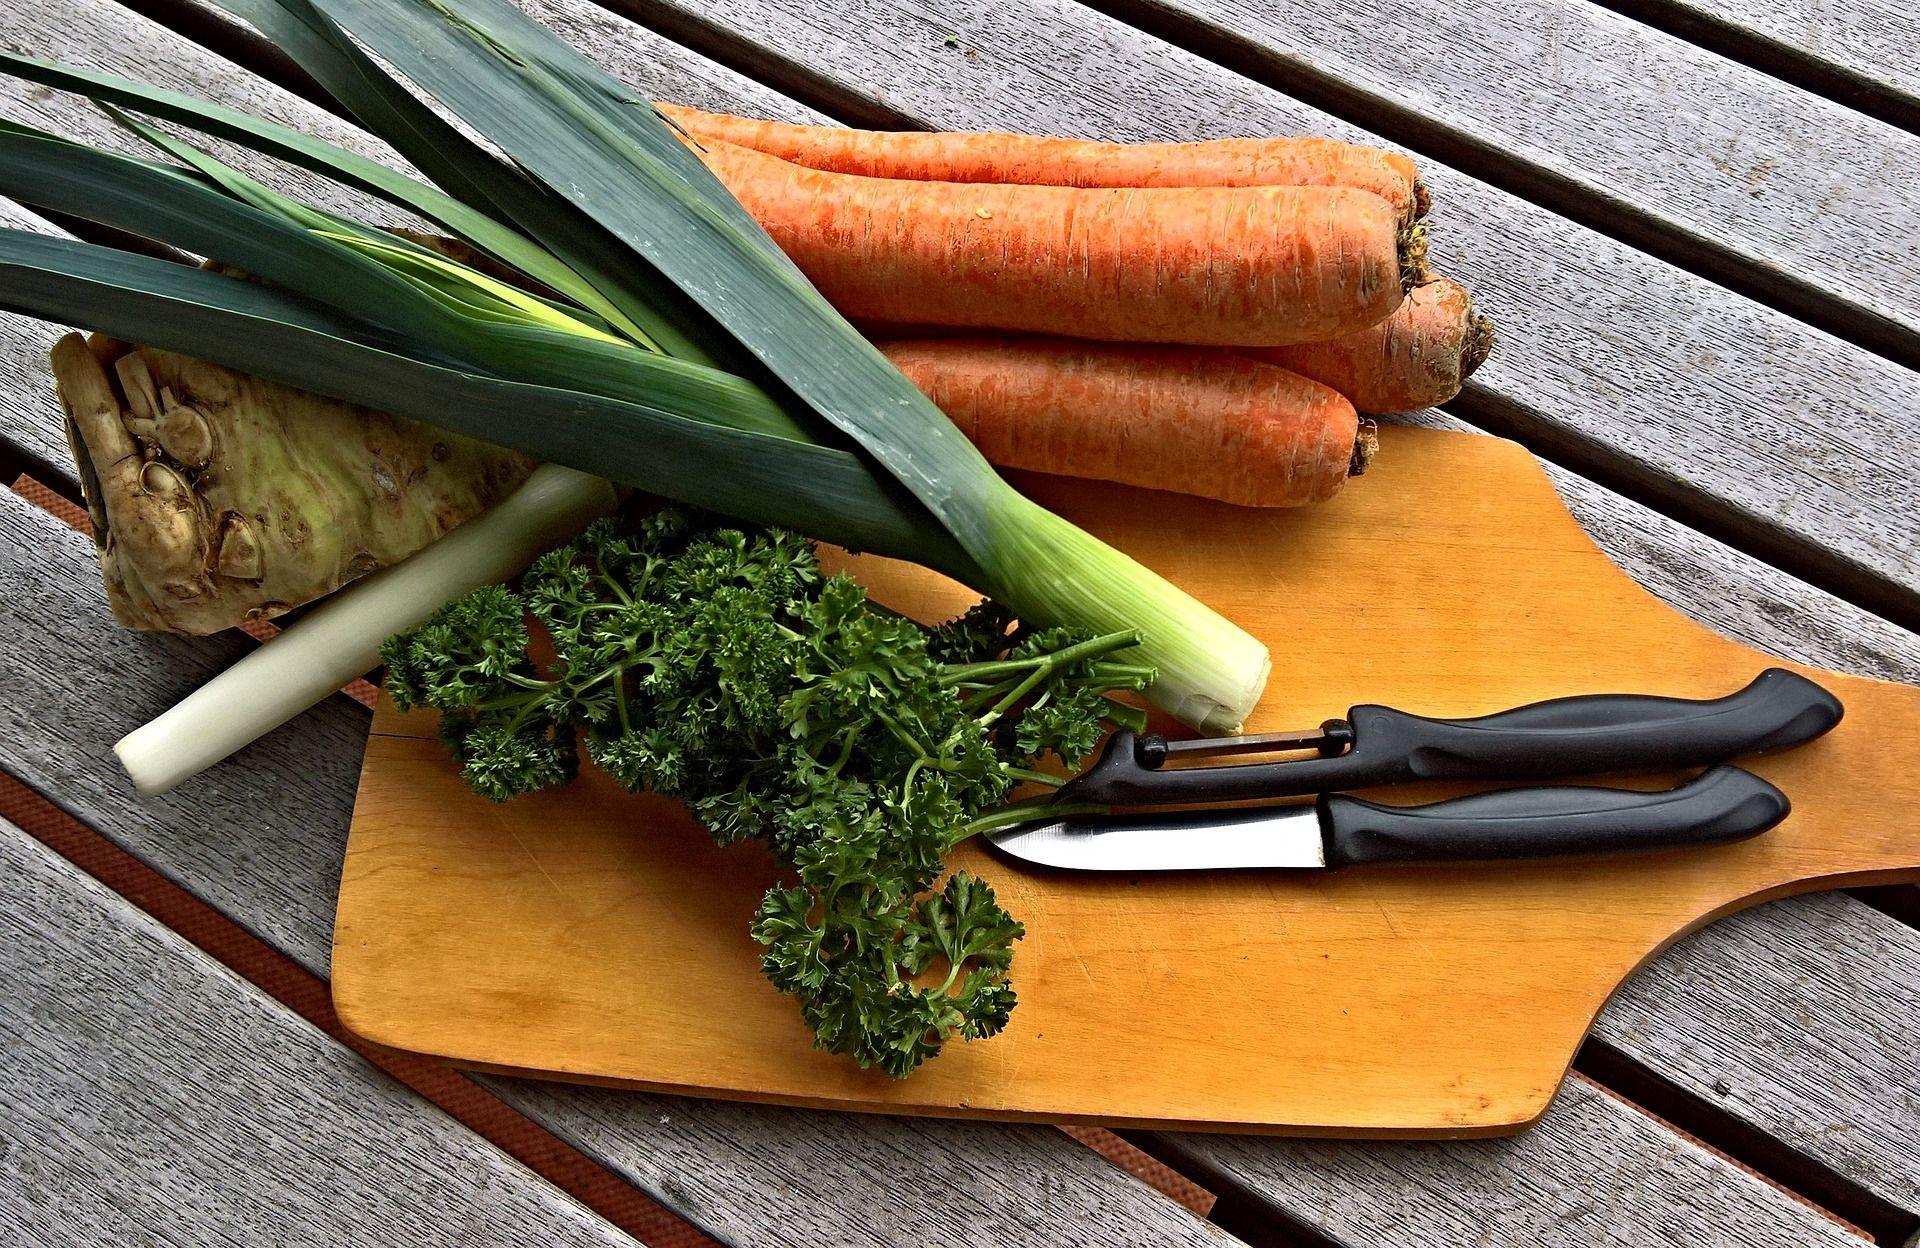 Leftover Roast Vegetables for Soup